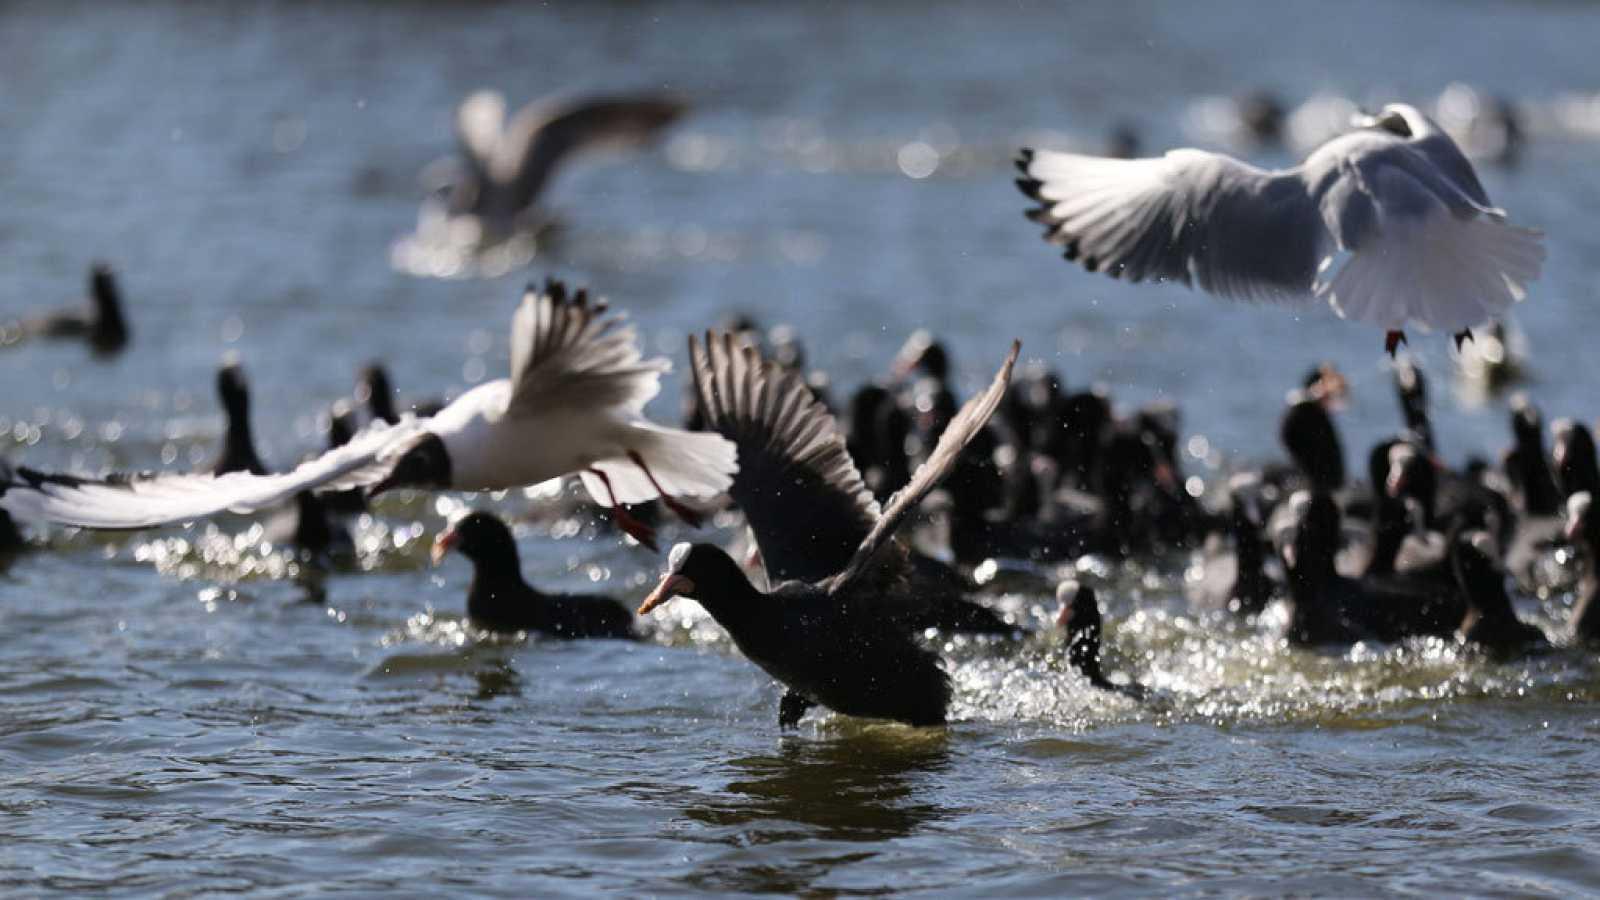 En Directe a Ràdio 4 - Vida verda - Menys ocells hivernals al Delta de l'Ebre